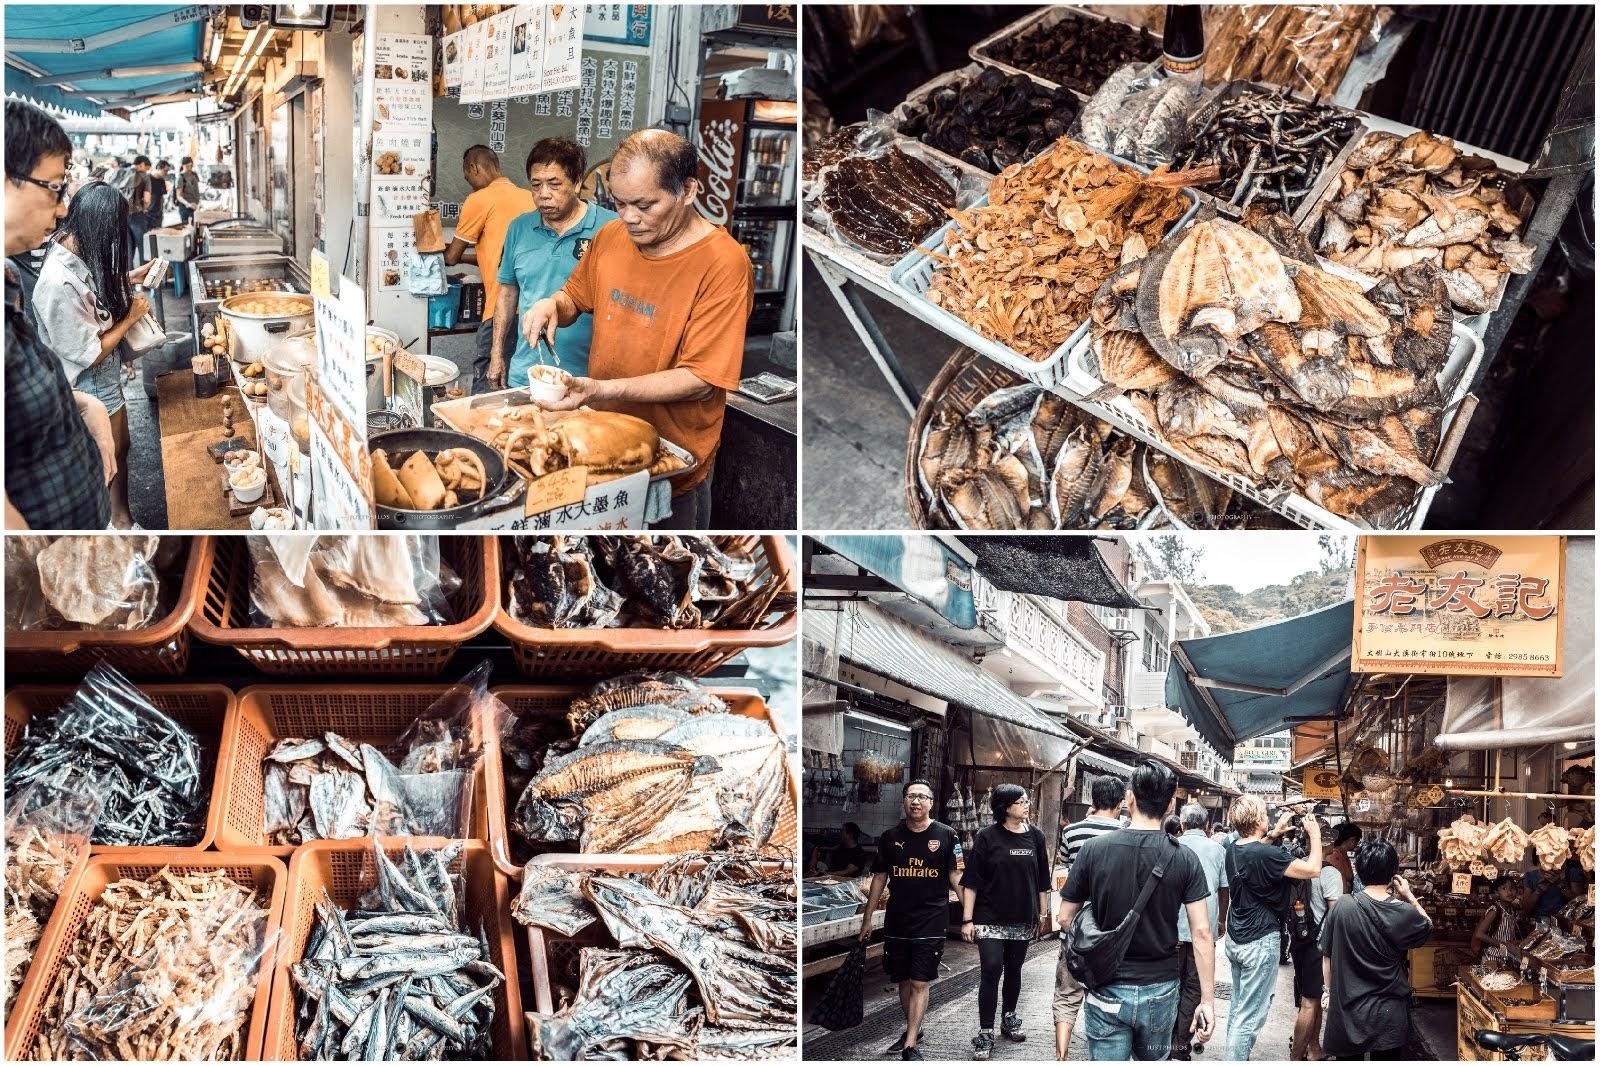 大澳漁村的小吃不少,隨處可見的魚乾和魚貨以外,像是超大魚蛋、滷水大墨魚...等。